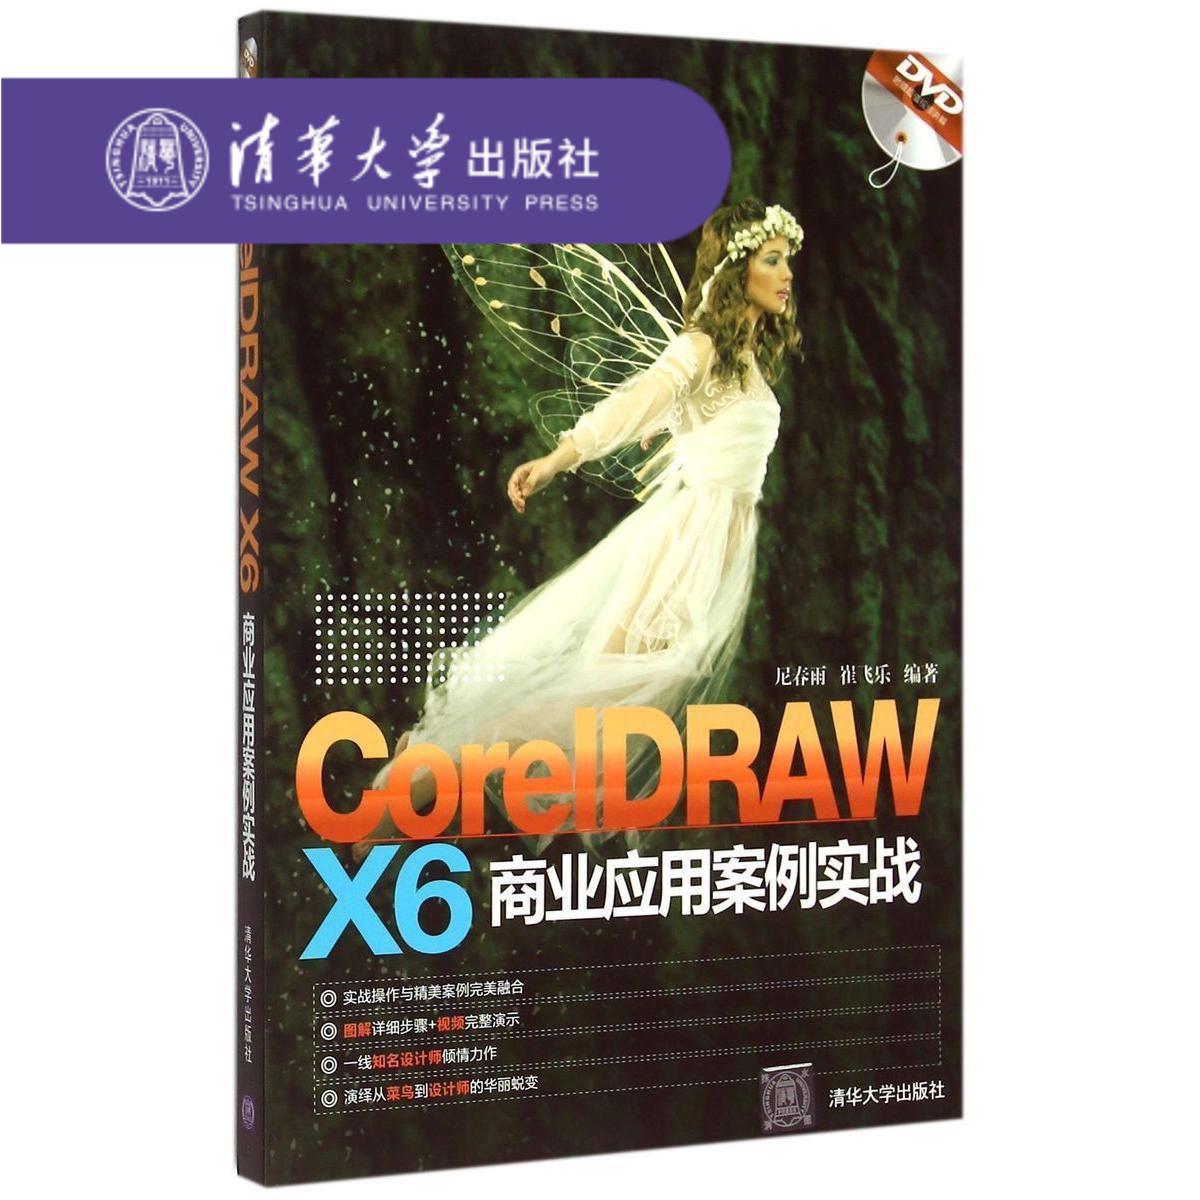 【官方正版】 CorelDRAW X6商业应用案例实战 CDR教程x6视频教程书籍 cdr x6软件广告设计